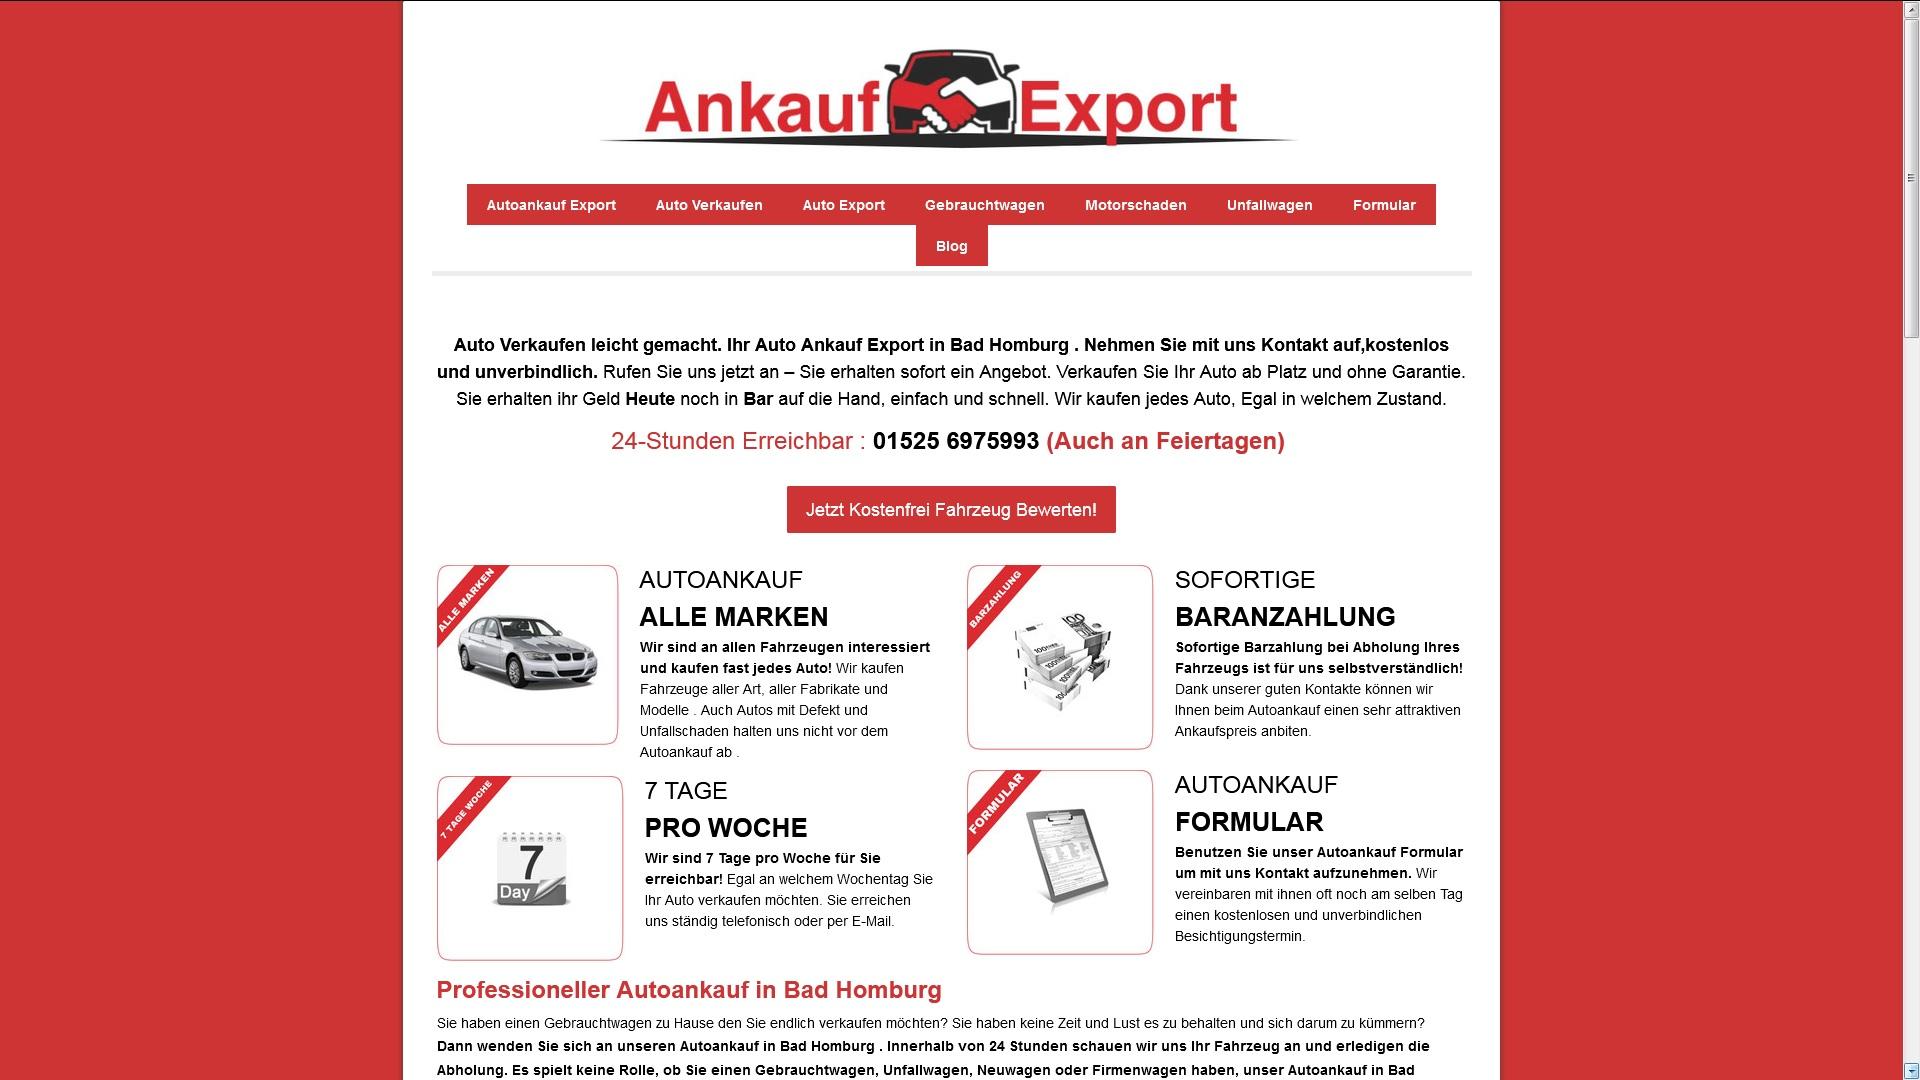 Autoanakuf Bremen